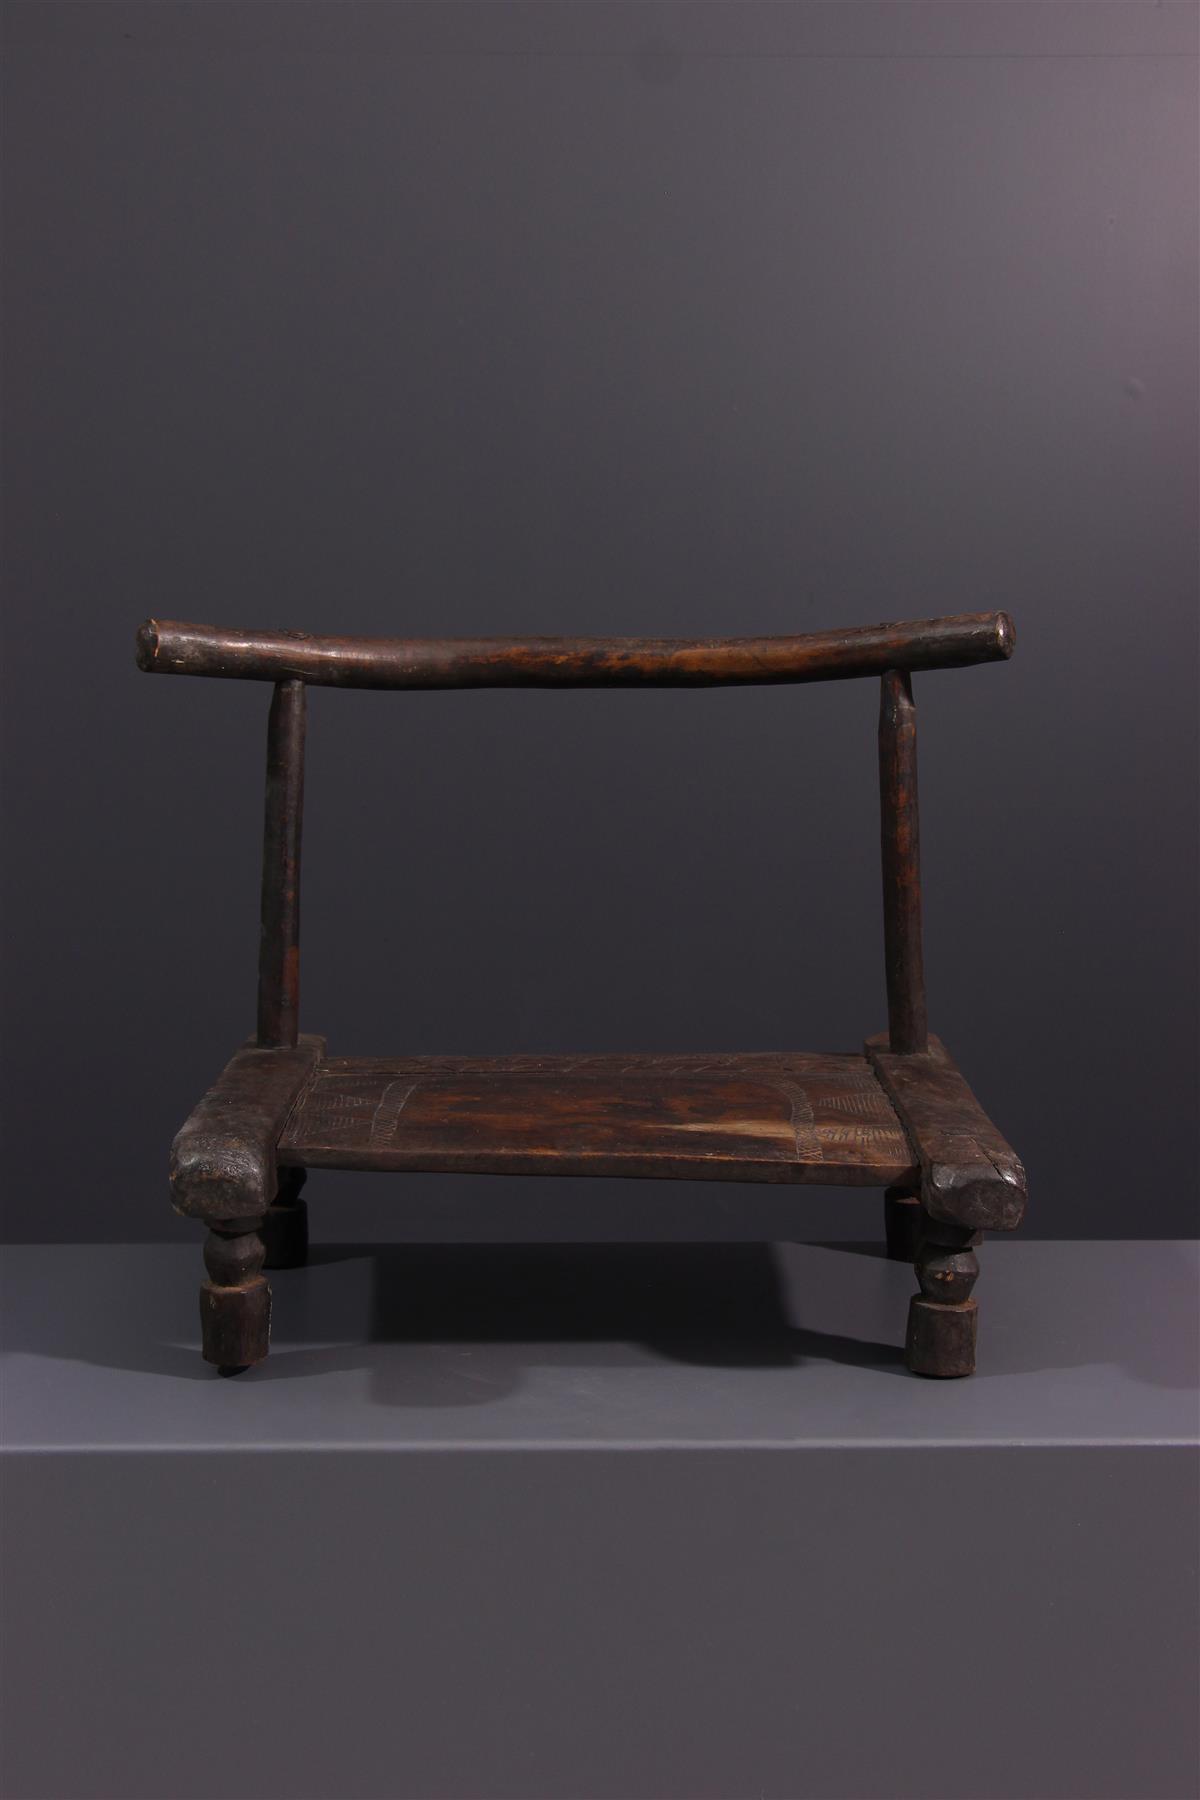 Dan stool - Tribal art